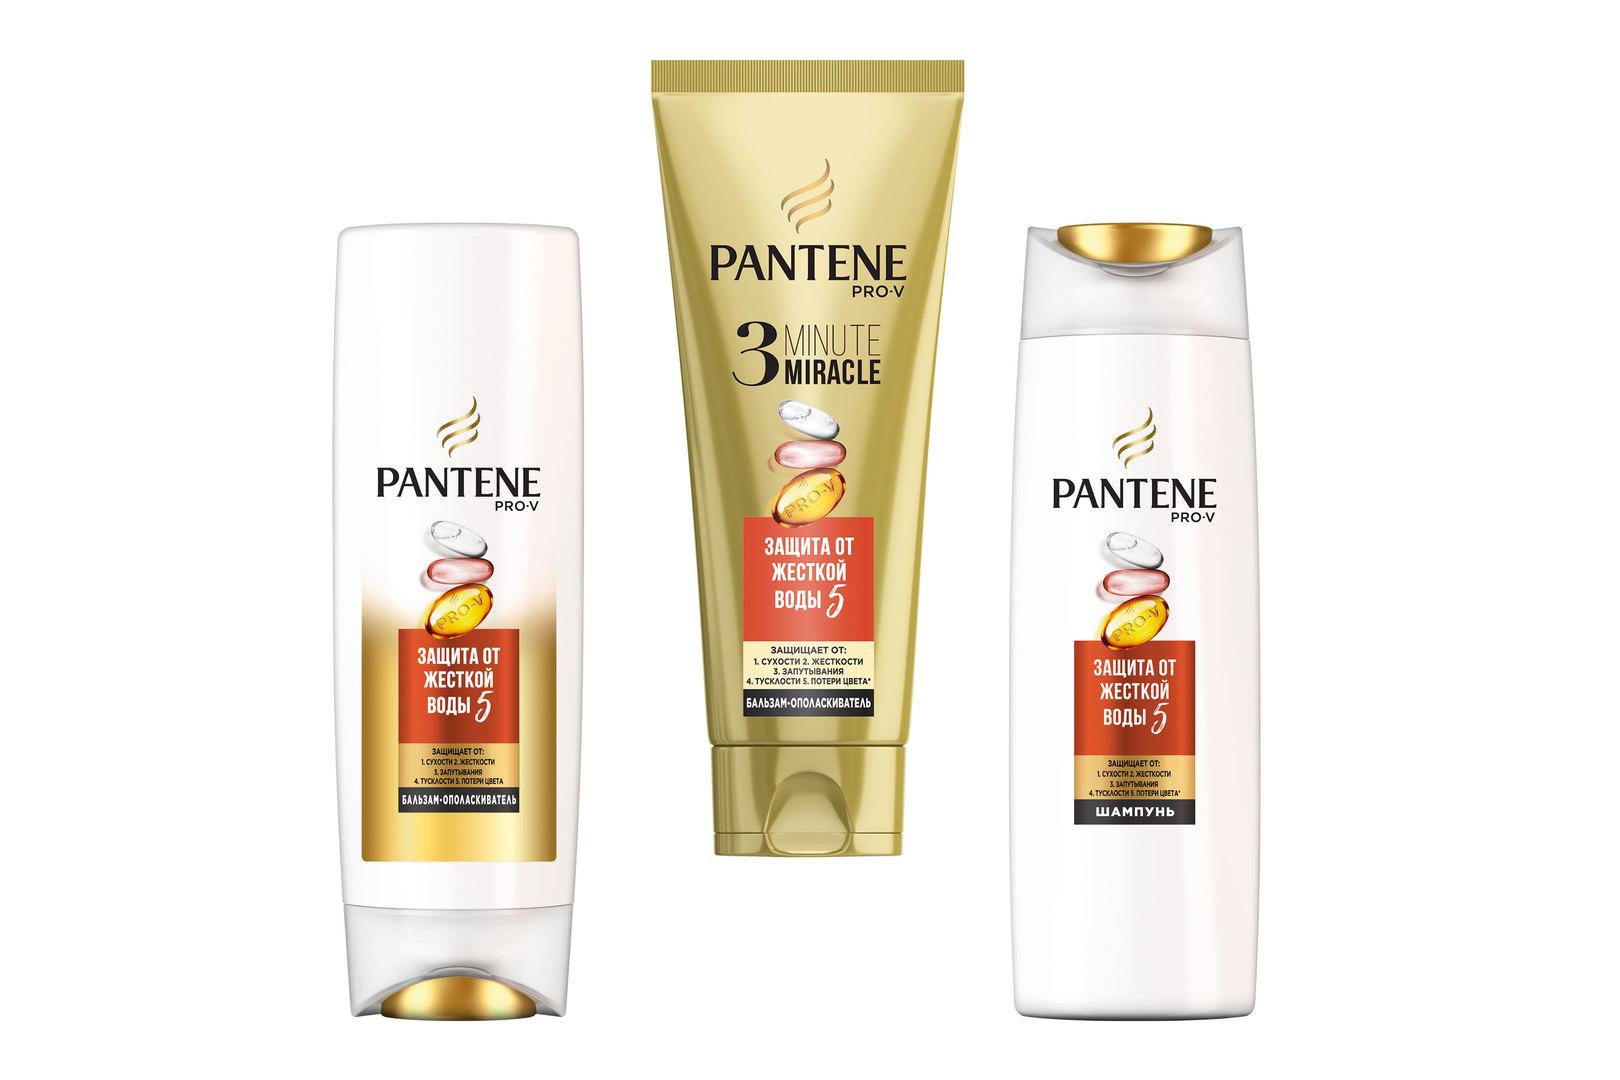 Коллекция «Защита отжесткой воды 5» свитамином С, Pantene (шампунь ибальзам-ополаскиватель длявсех типов волос, бальзам-ополаскиватель 3 Minute Miracle длясухих иповрежденных волос)